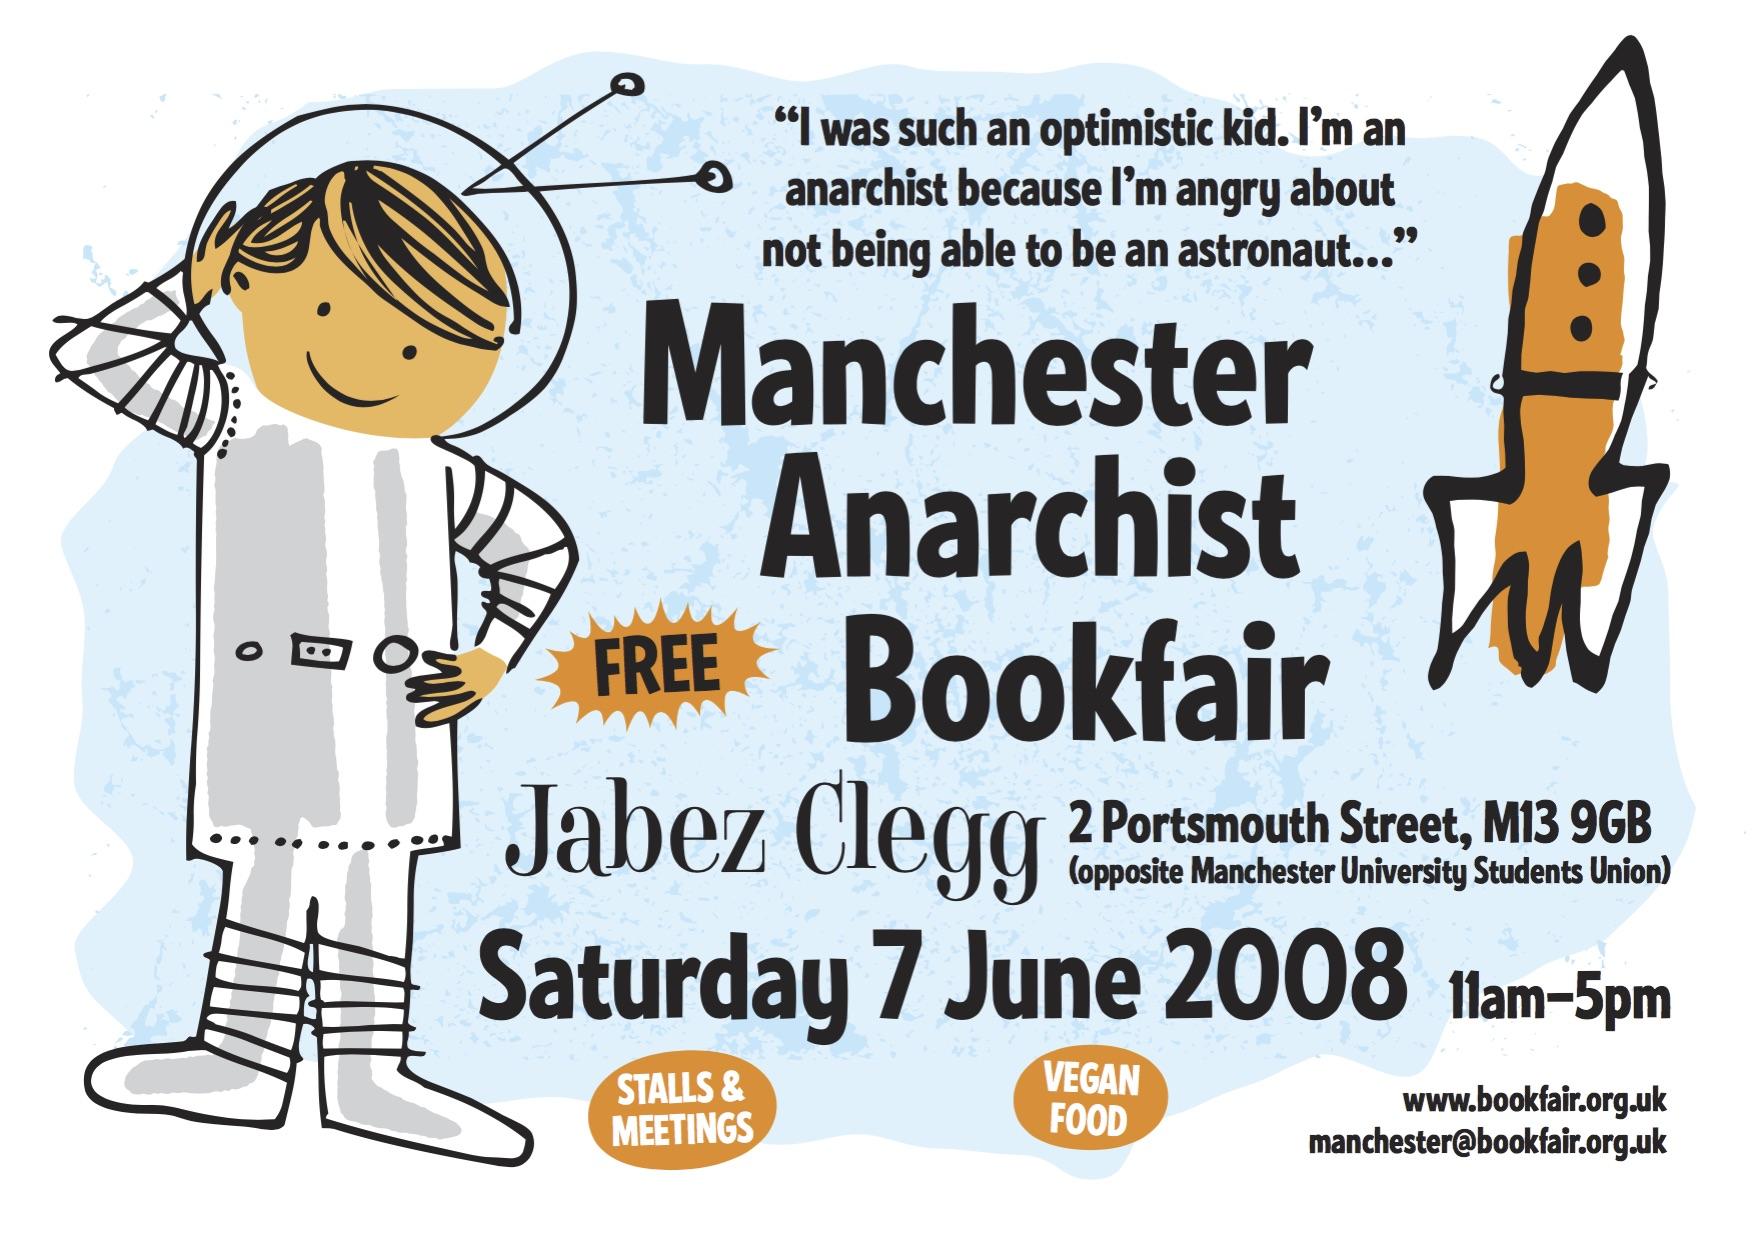 Bookfair 2008